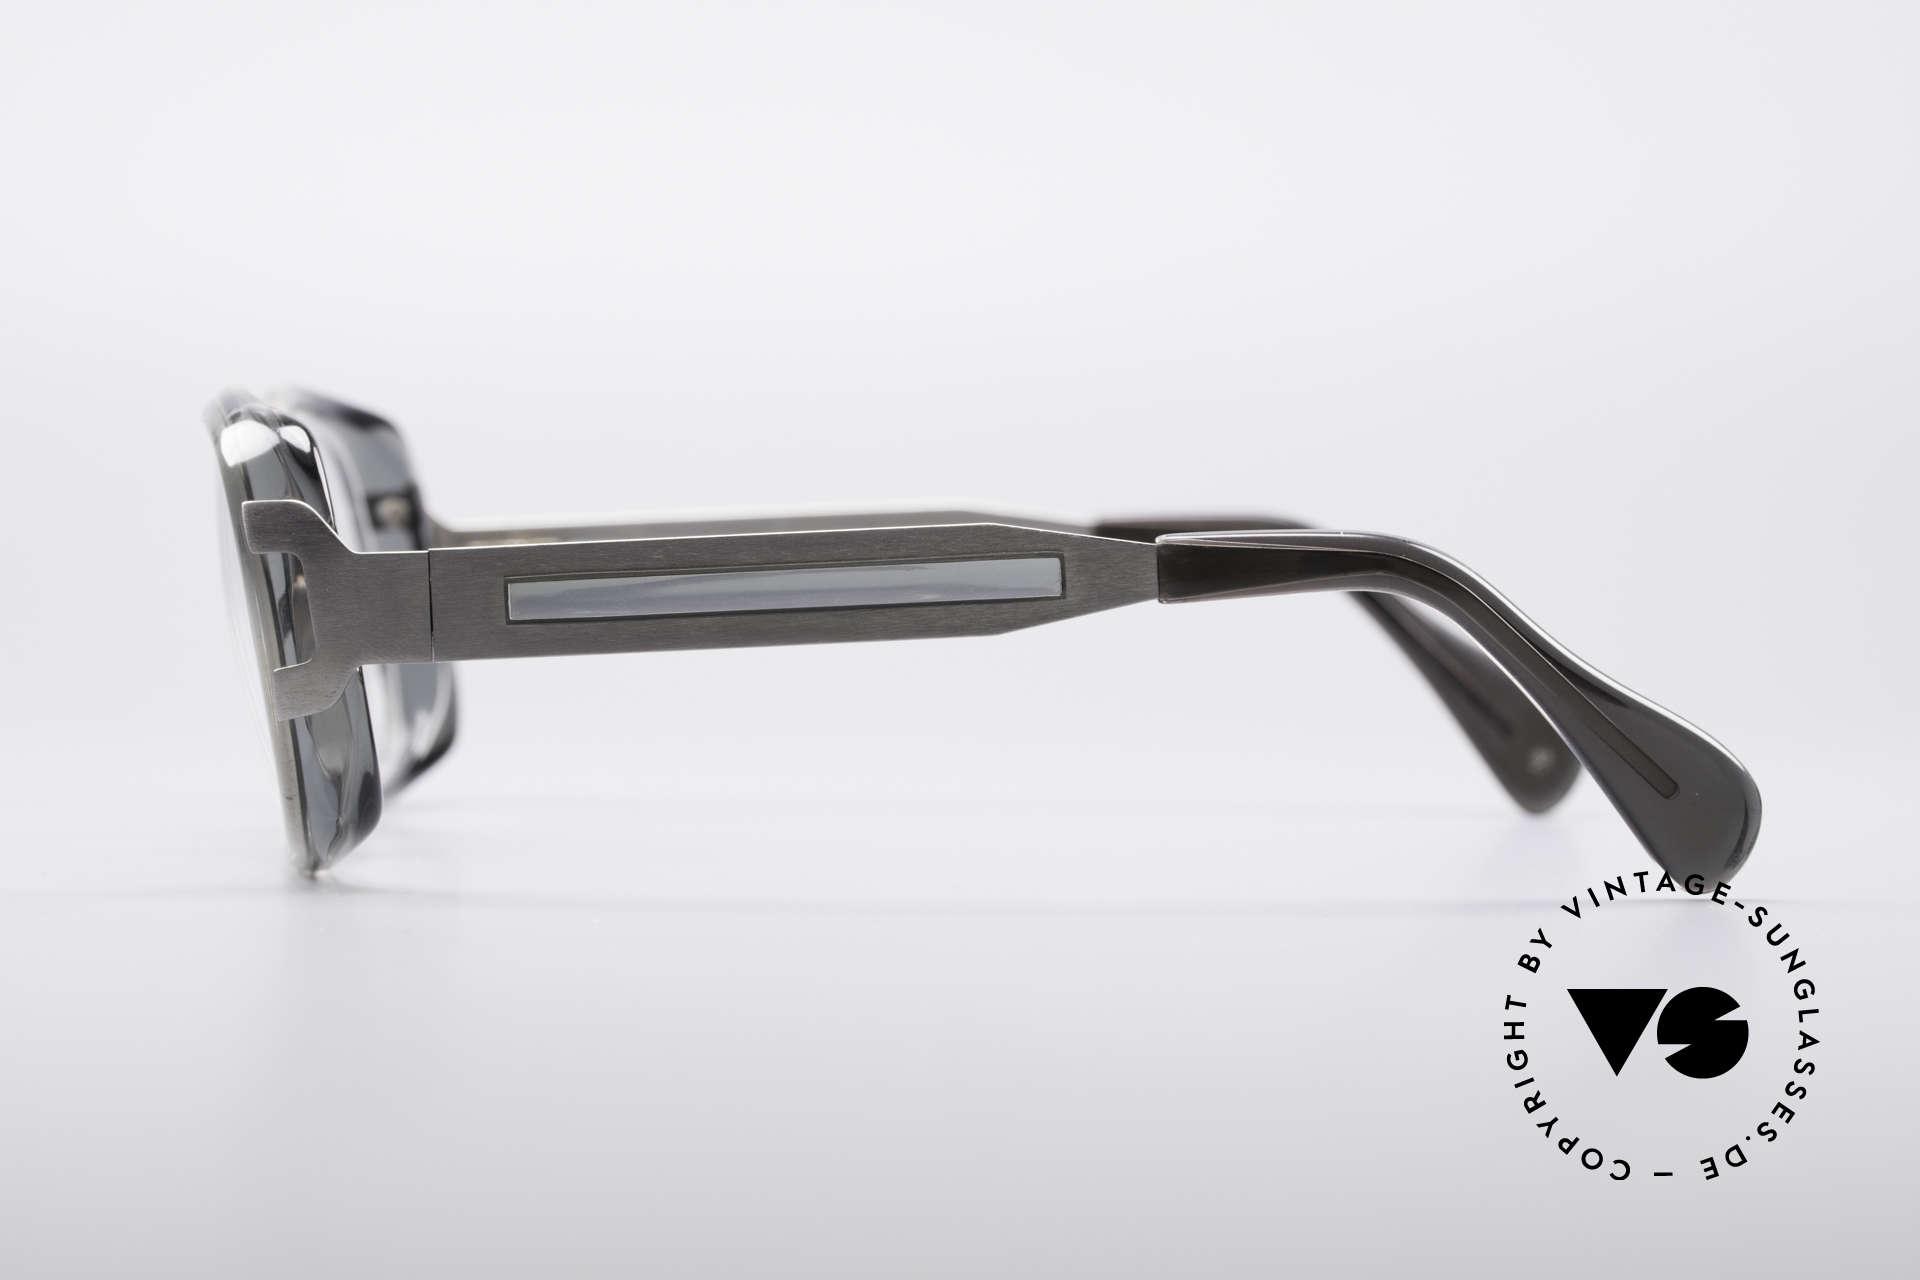 Metzler 4186 Echt 80er Vintage Kombibrille, unbeschreibliche Qualität (muss man einfach fühlen!), Passend für Herren